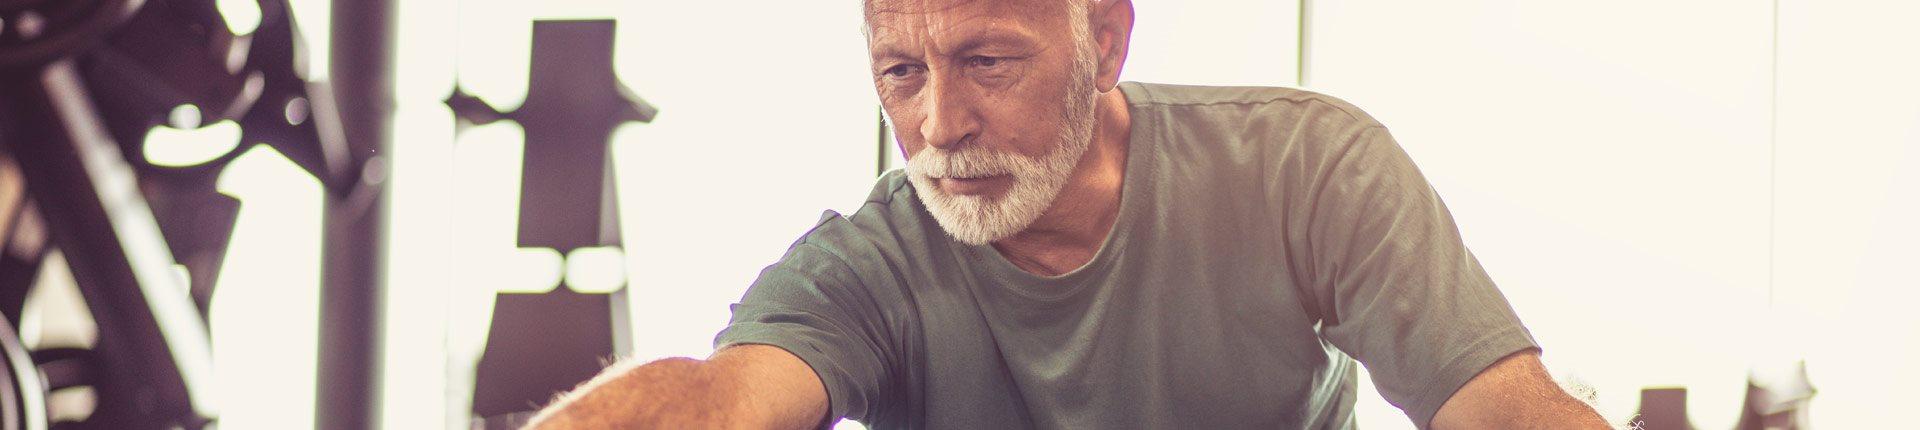 Trening na siłownia wyniszczenie nowotworowe